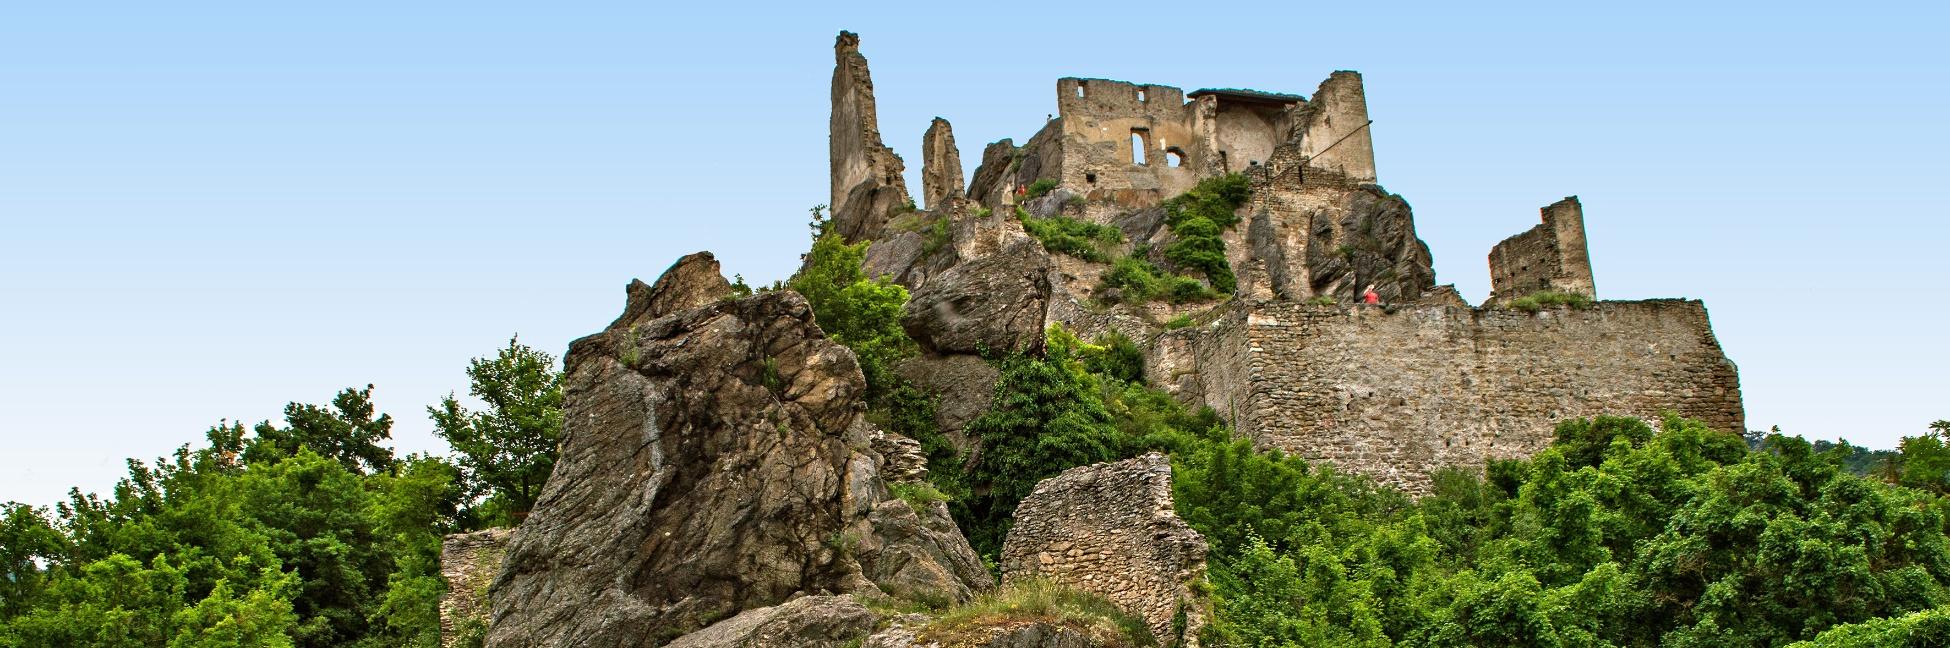 Château en ruine de Durnstein